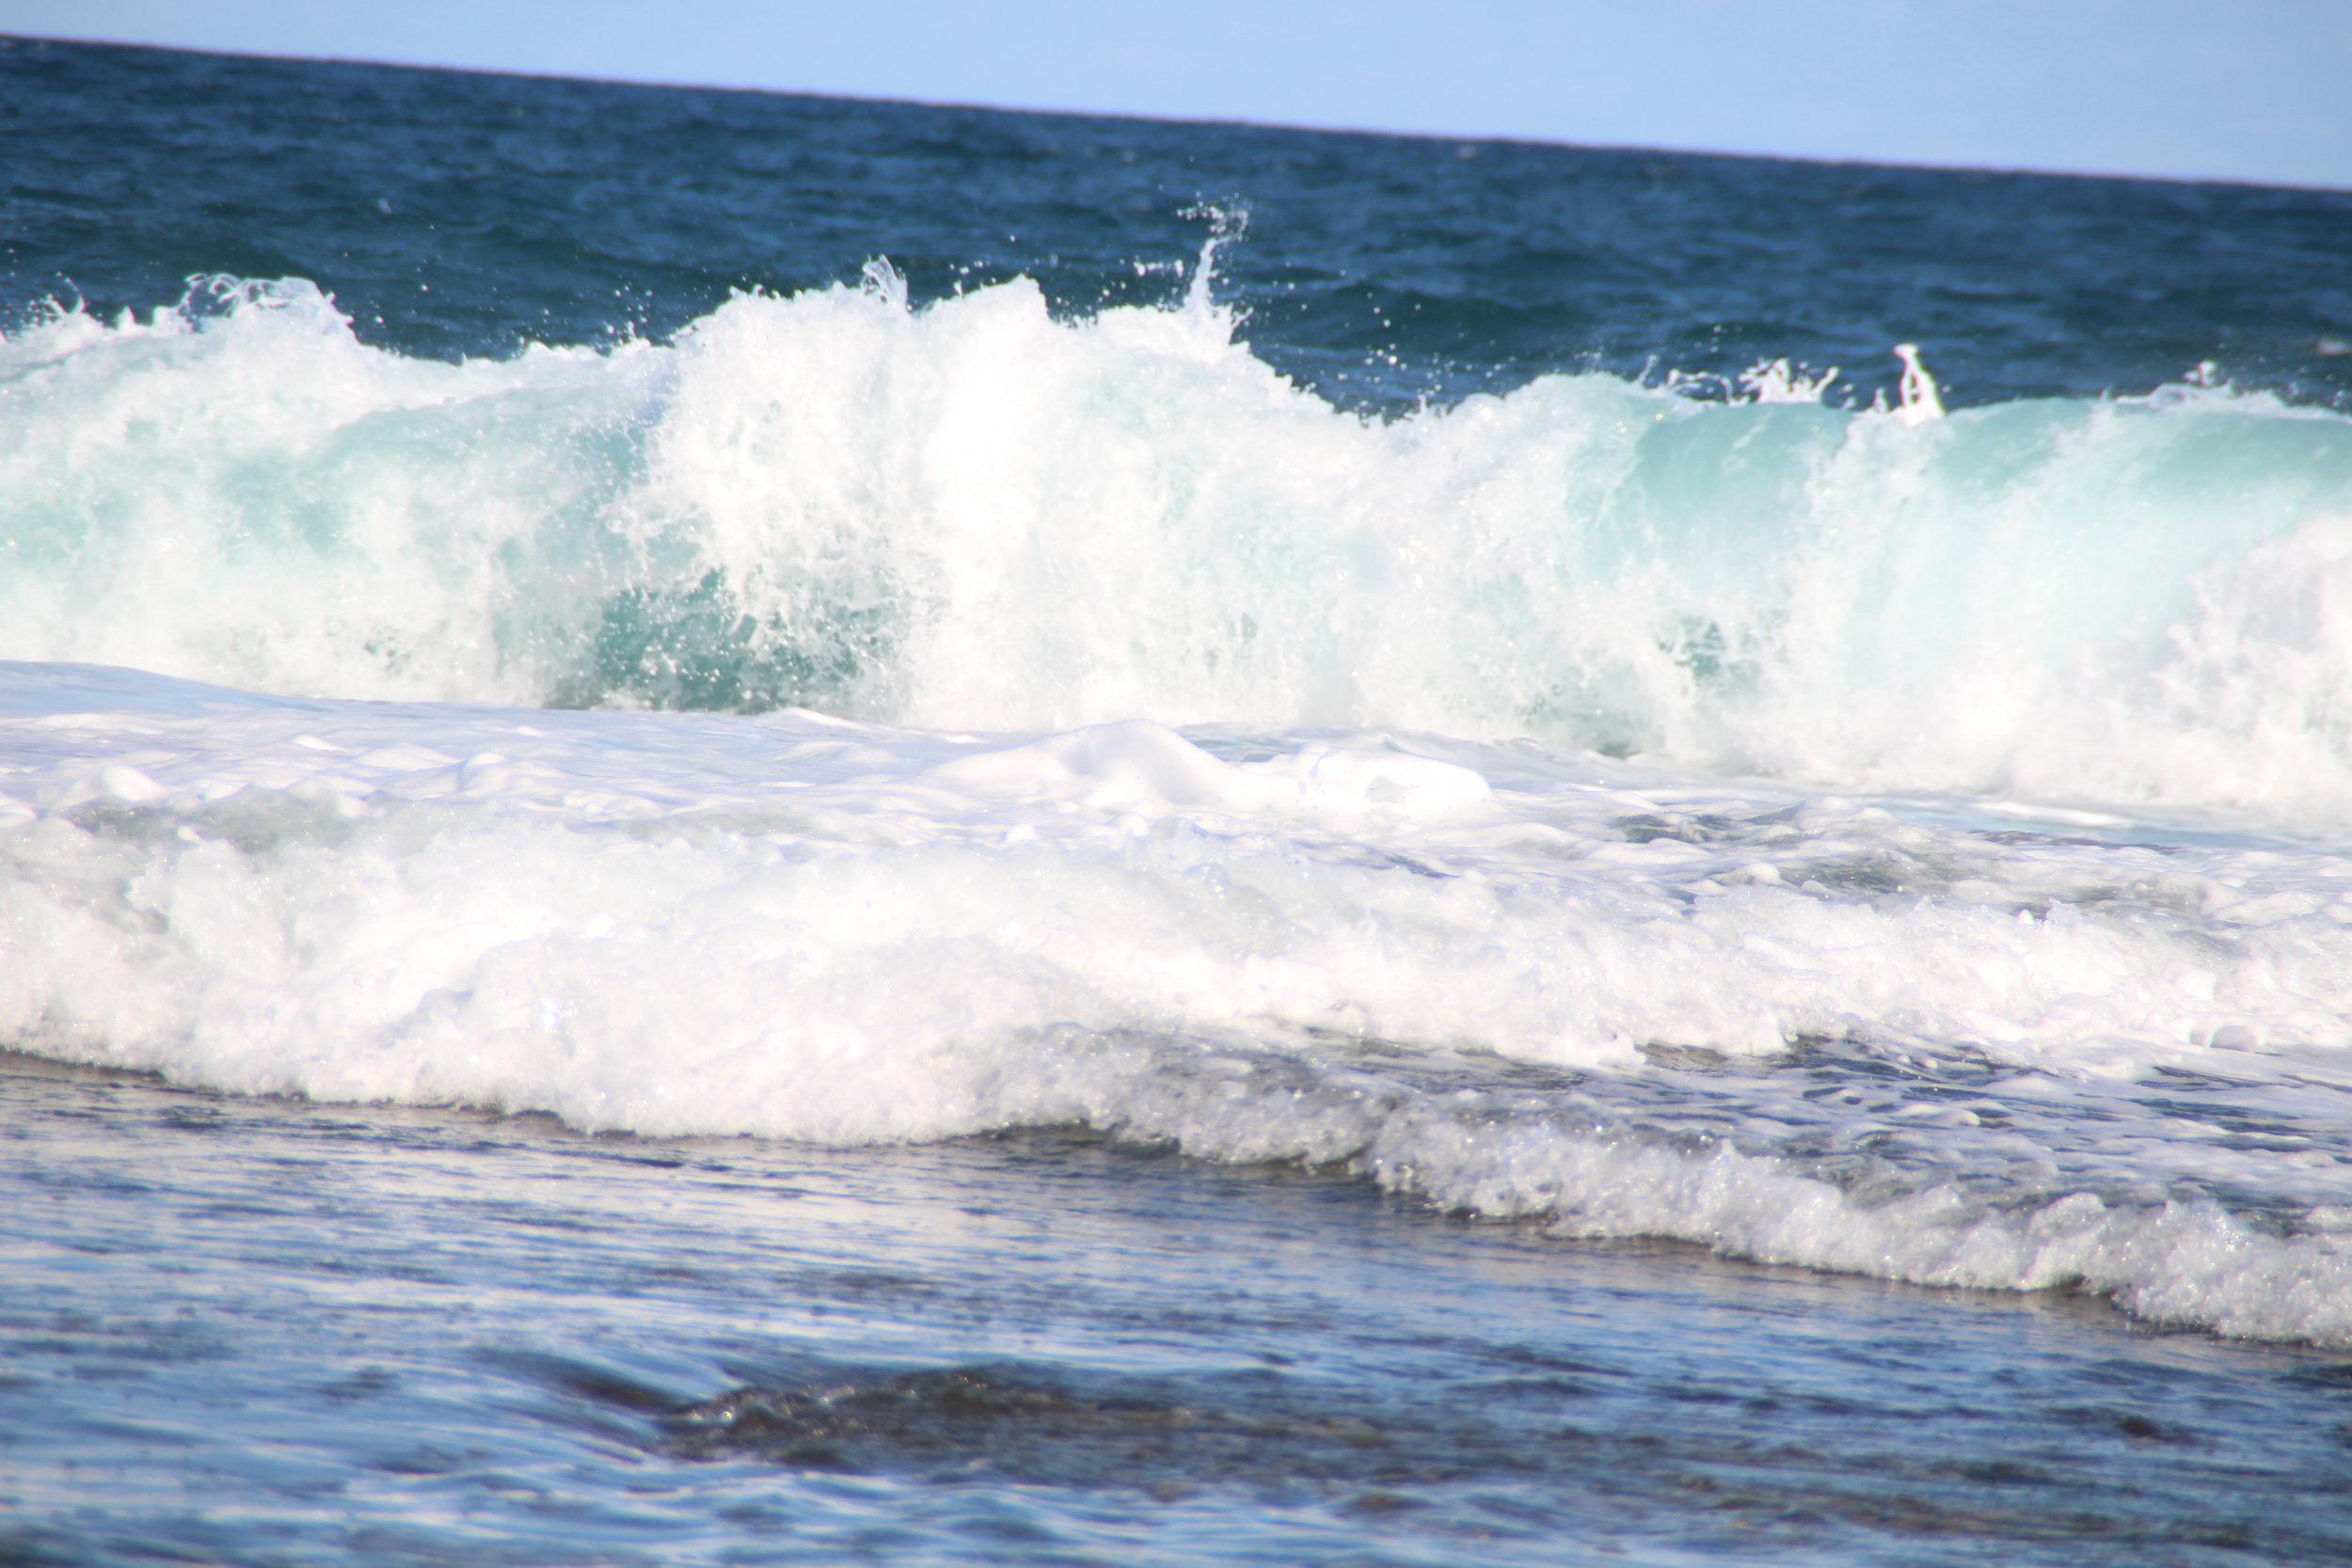 Byron Bay, NSW, Australia- Pristine waters